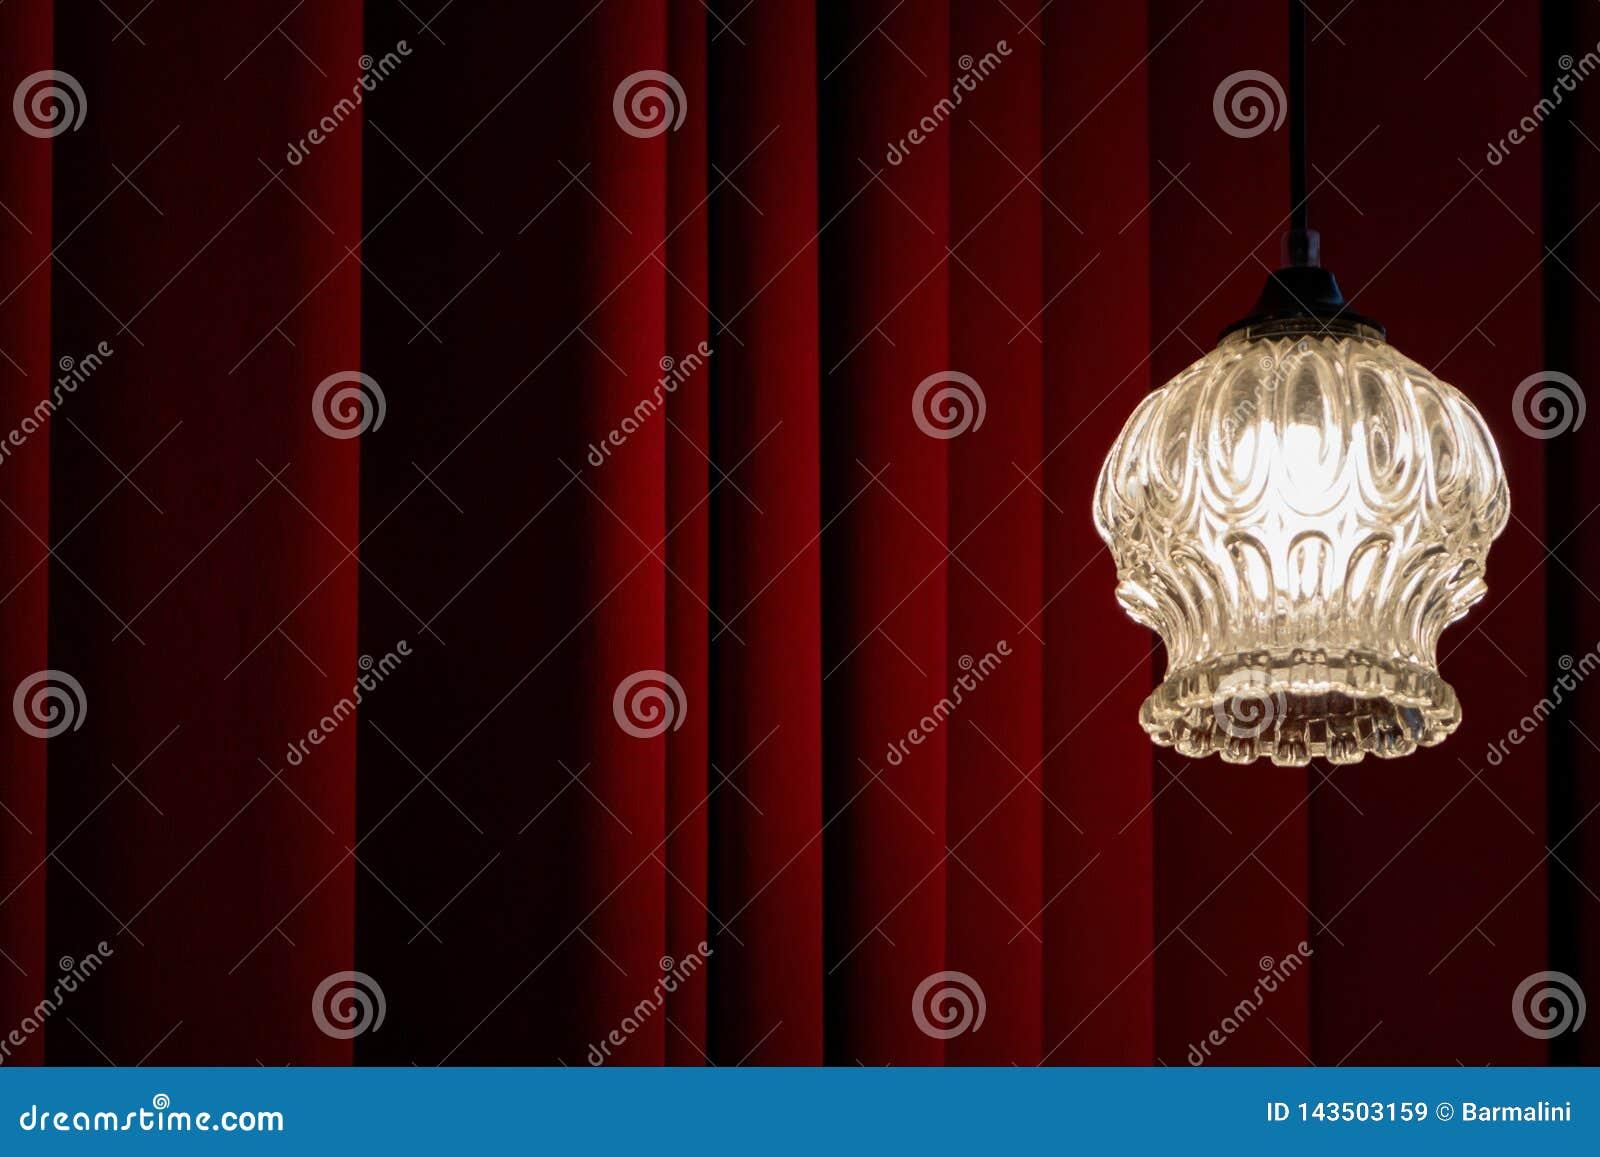 Klassisches Theater, Kino, Foyerhintergrund mit rotem velved Vorhang und alte Weinleselampe